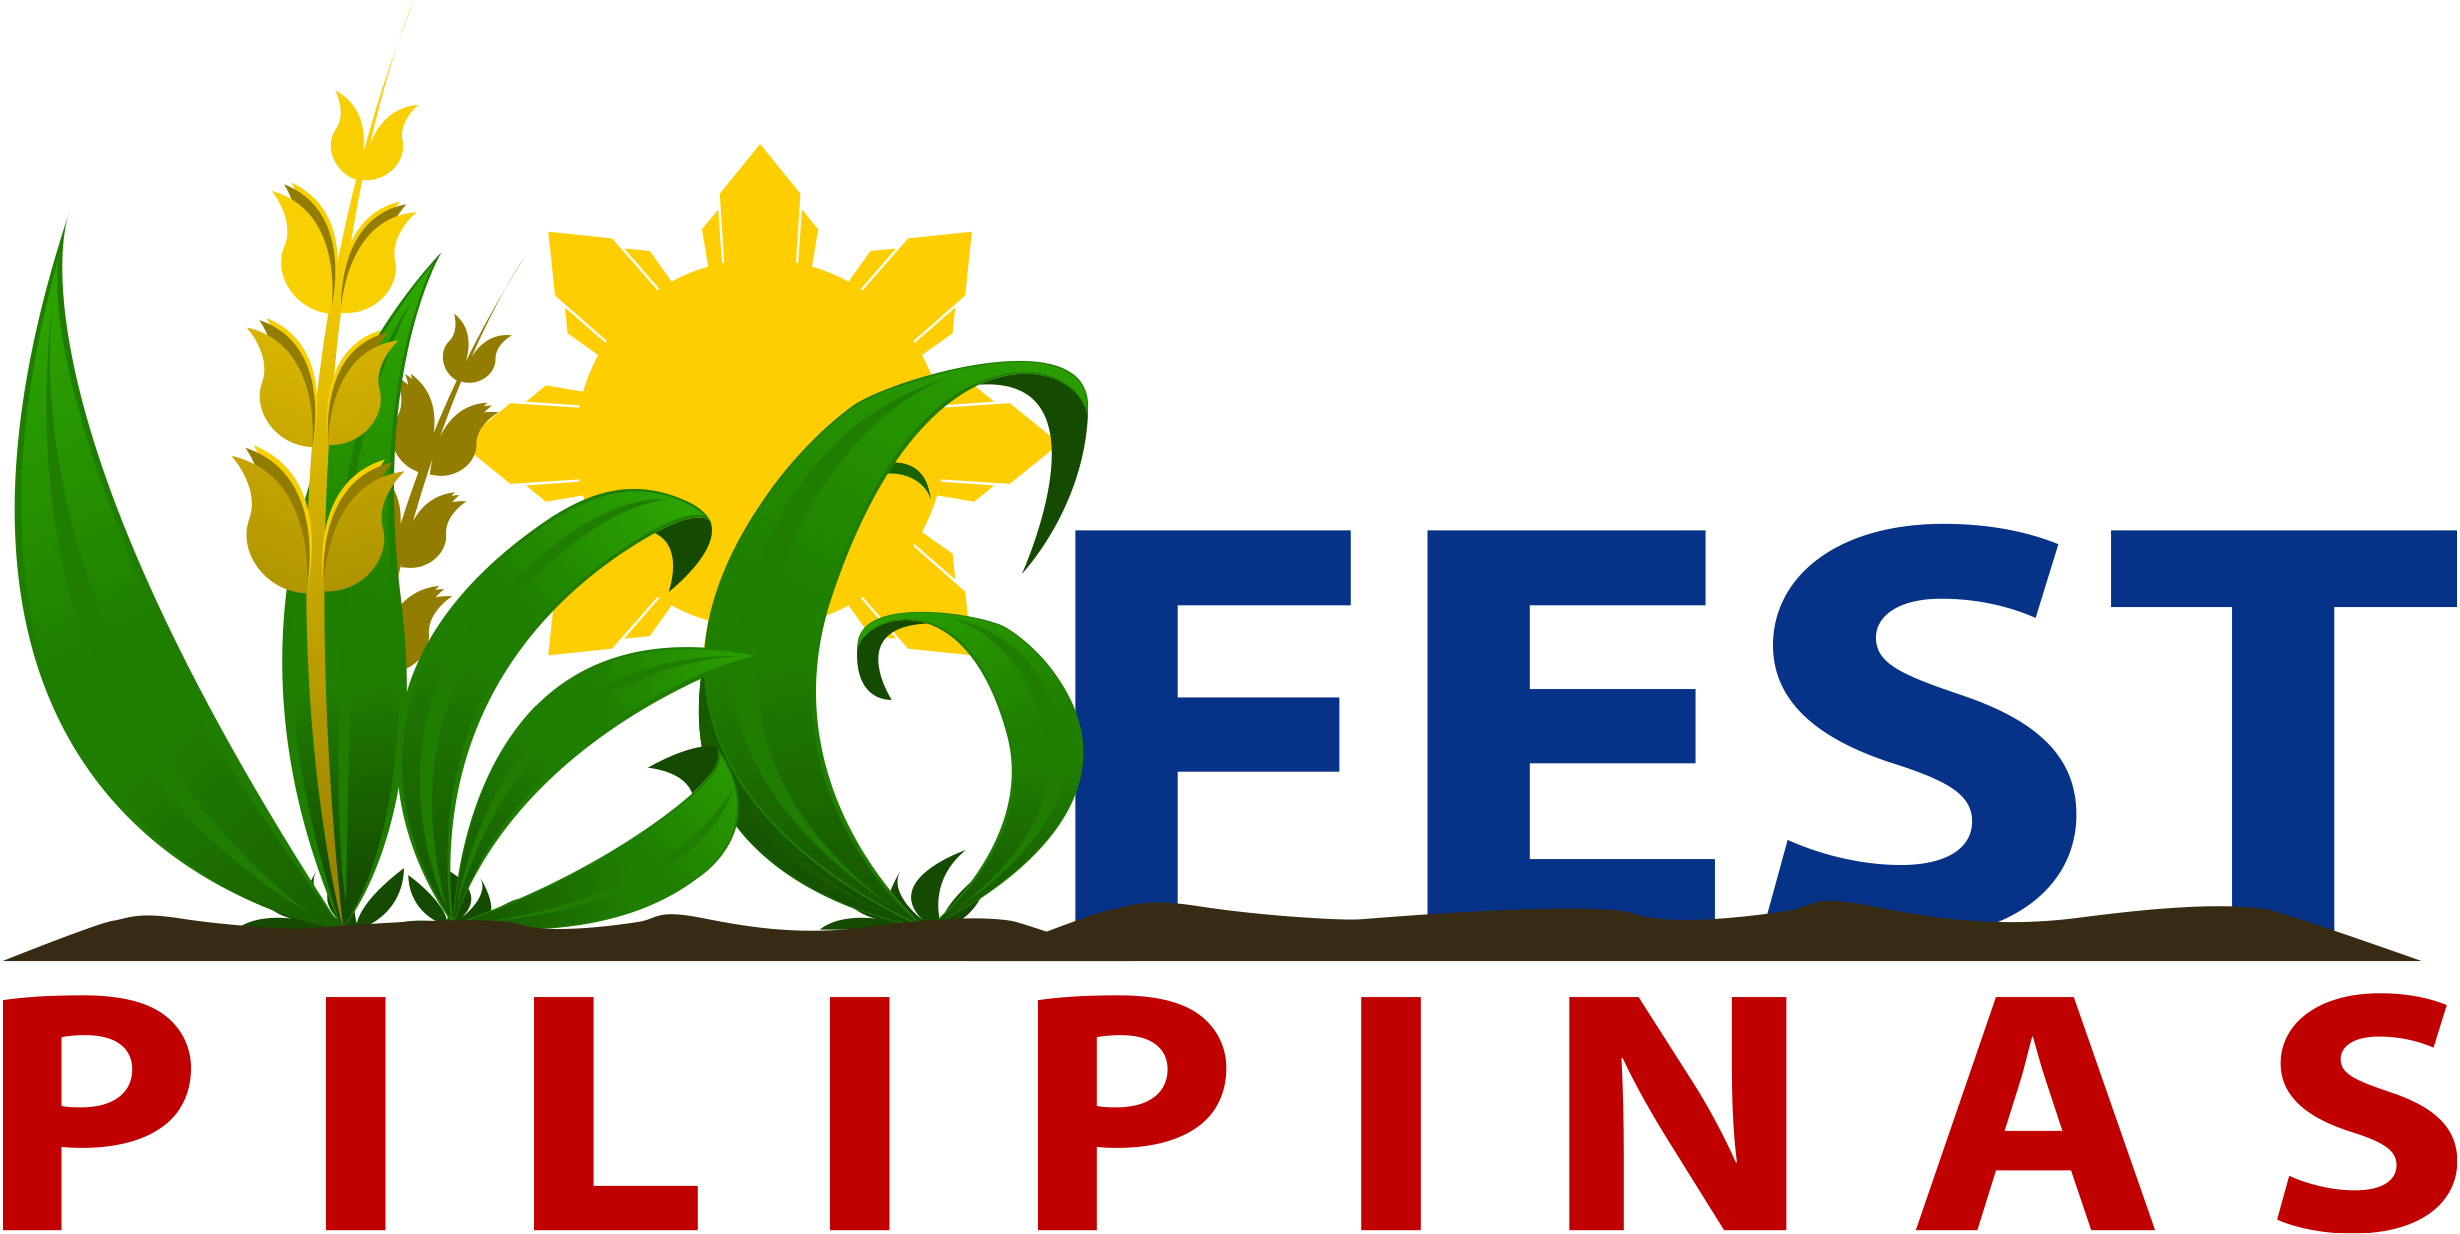 Word clipart pilipinas Pilipinas 2016 Pilipinas Vegfest Vegfest